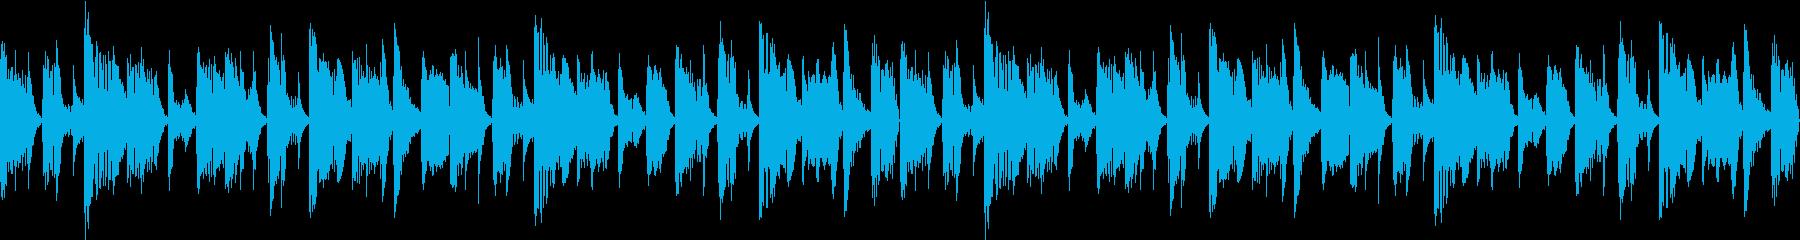 うねりのあるベースが印象的なBGMの再生済みの波形